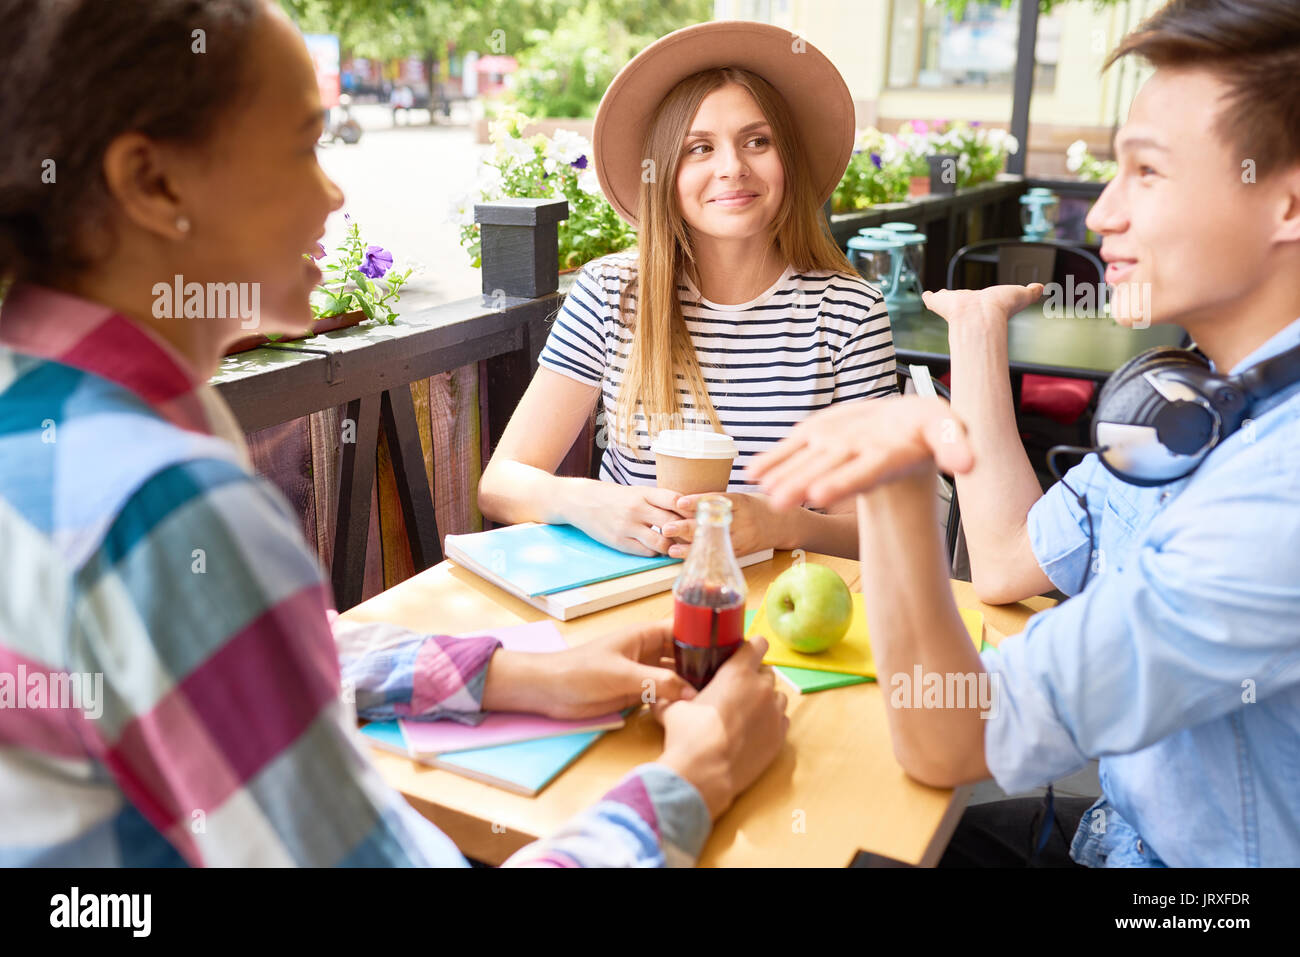 Los estudiantes disfrutando del almuerzo en la cafetería al aire libre Imagen De Stock